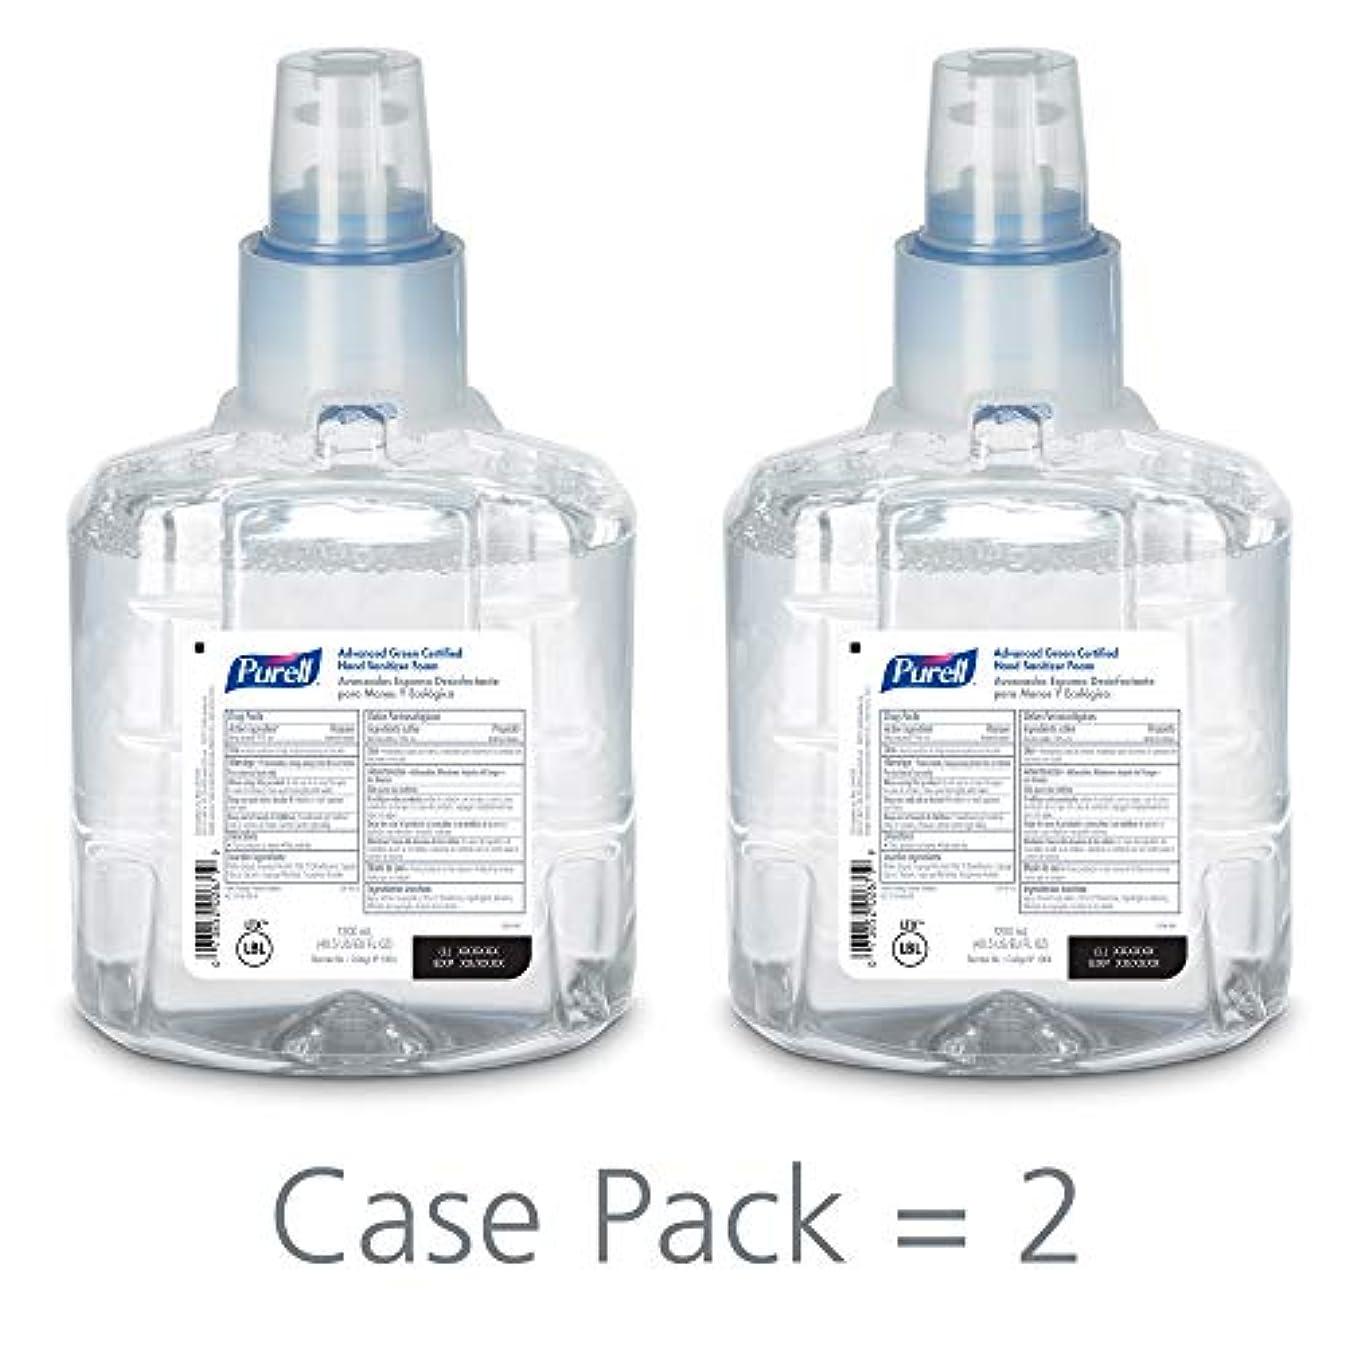 微生物レガシーポーチPURELL 1904-02 1200 mL Advanced Green Certified Instant Hand Sanitizer Foam, LTX-12 Refill (Pack of 2) by Purell